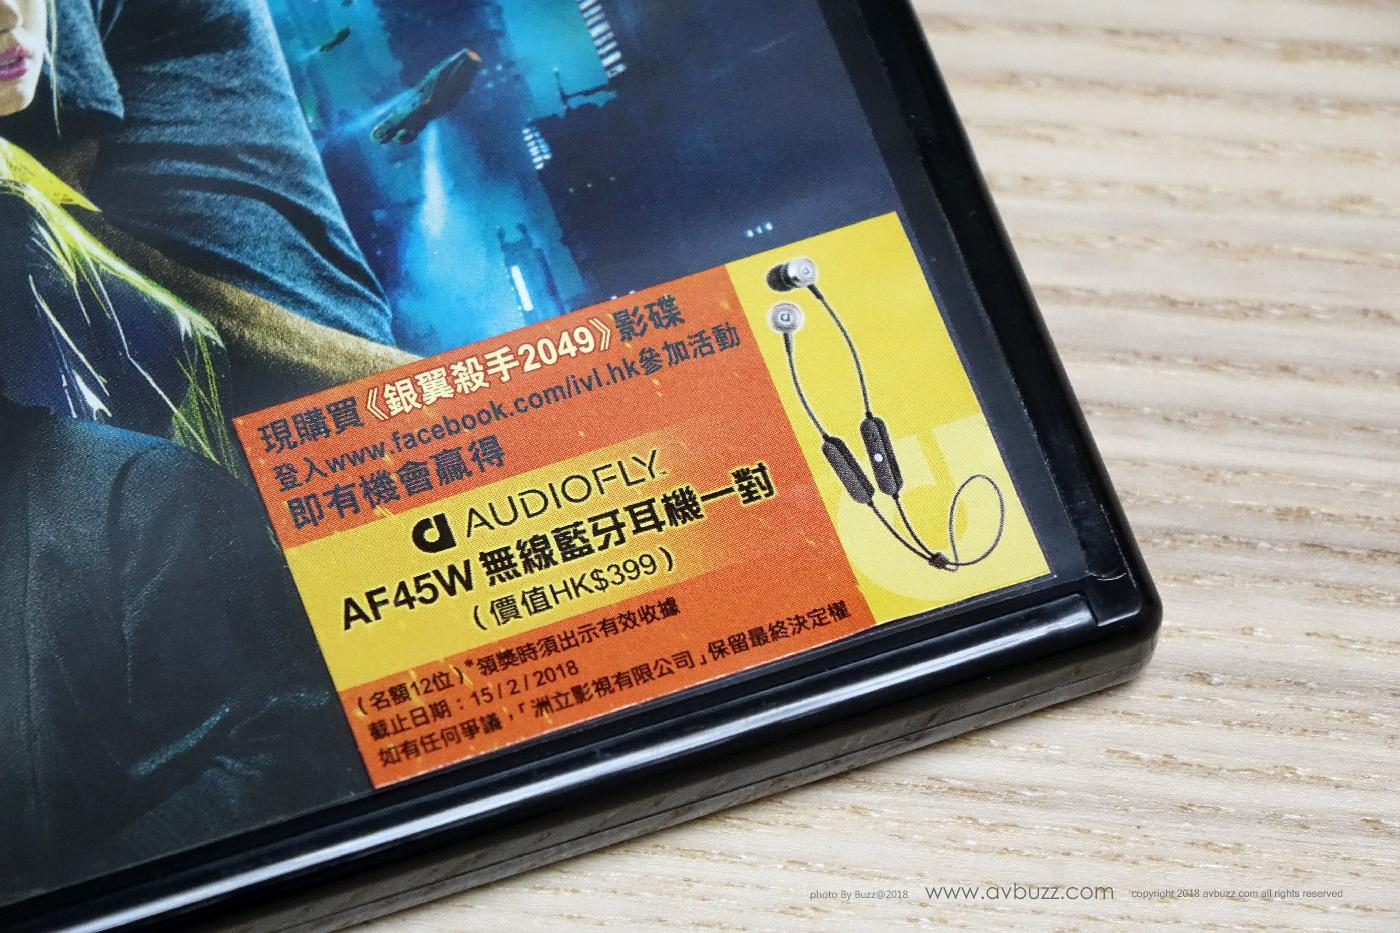 Blade-Runner-2049-0-00004